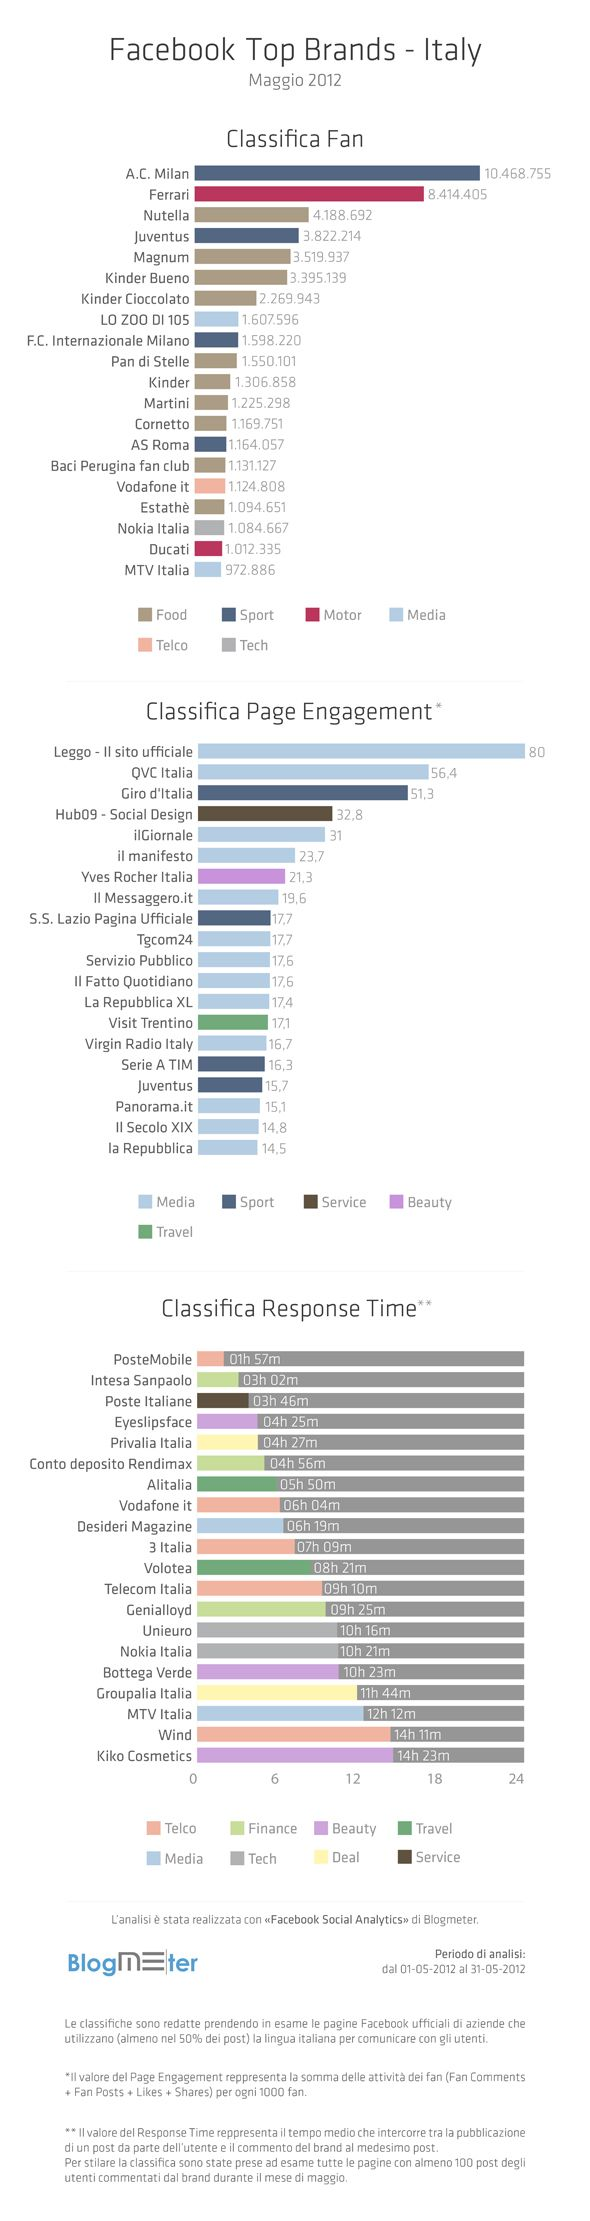 Facebook Top Brands - maggio 2012